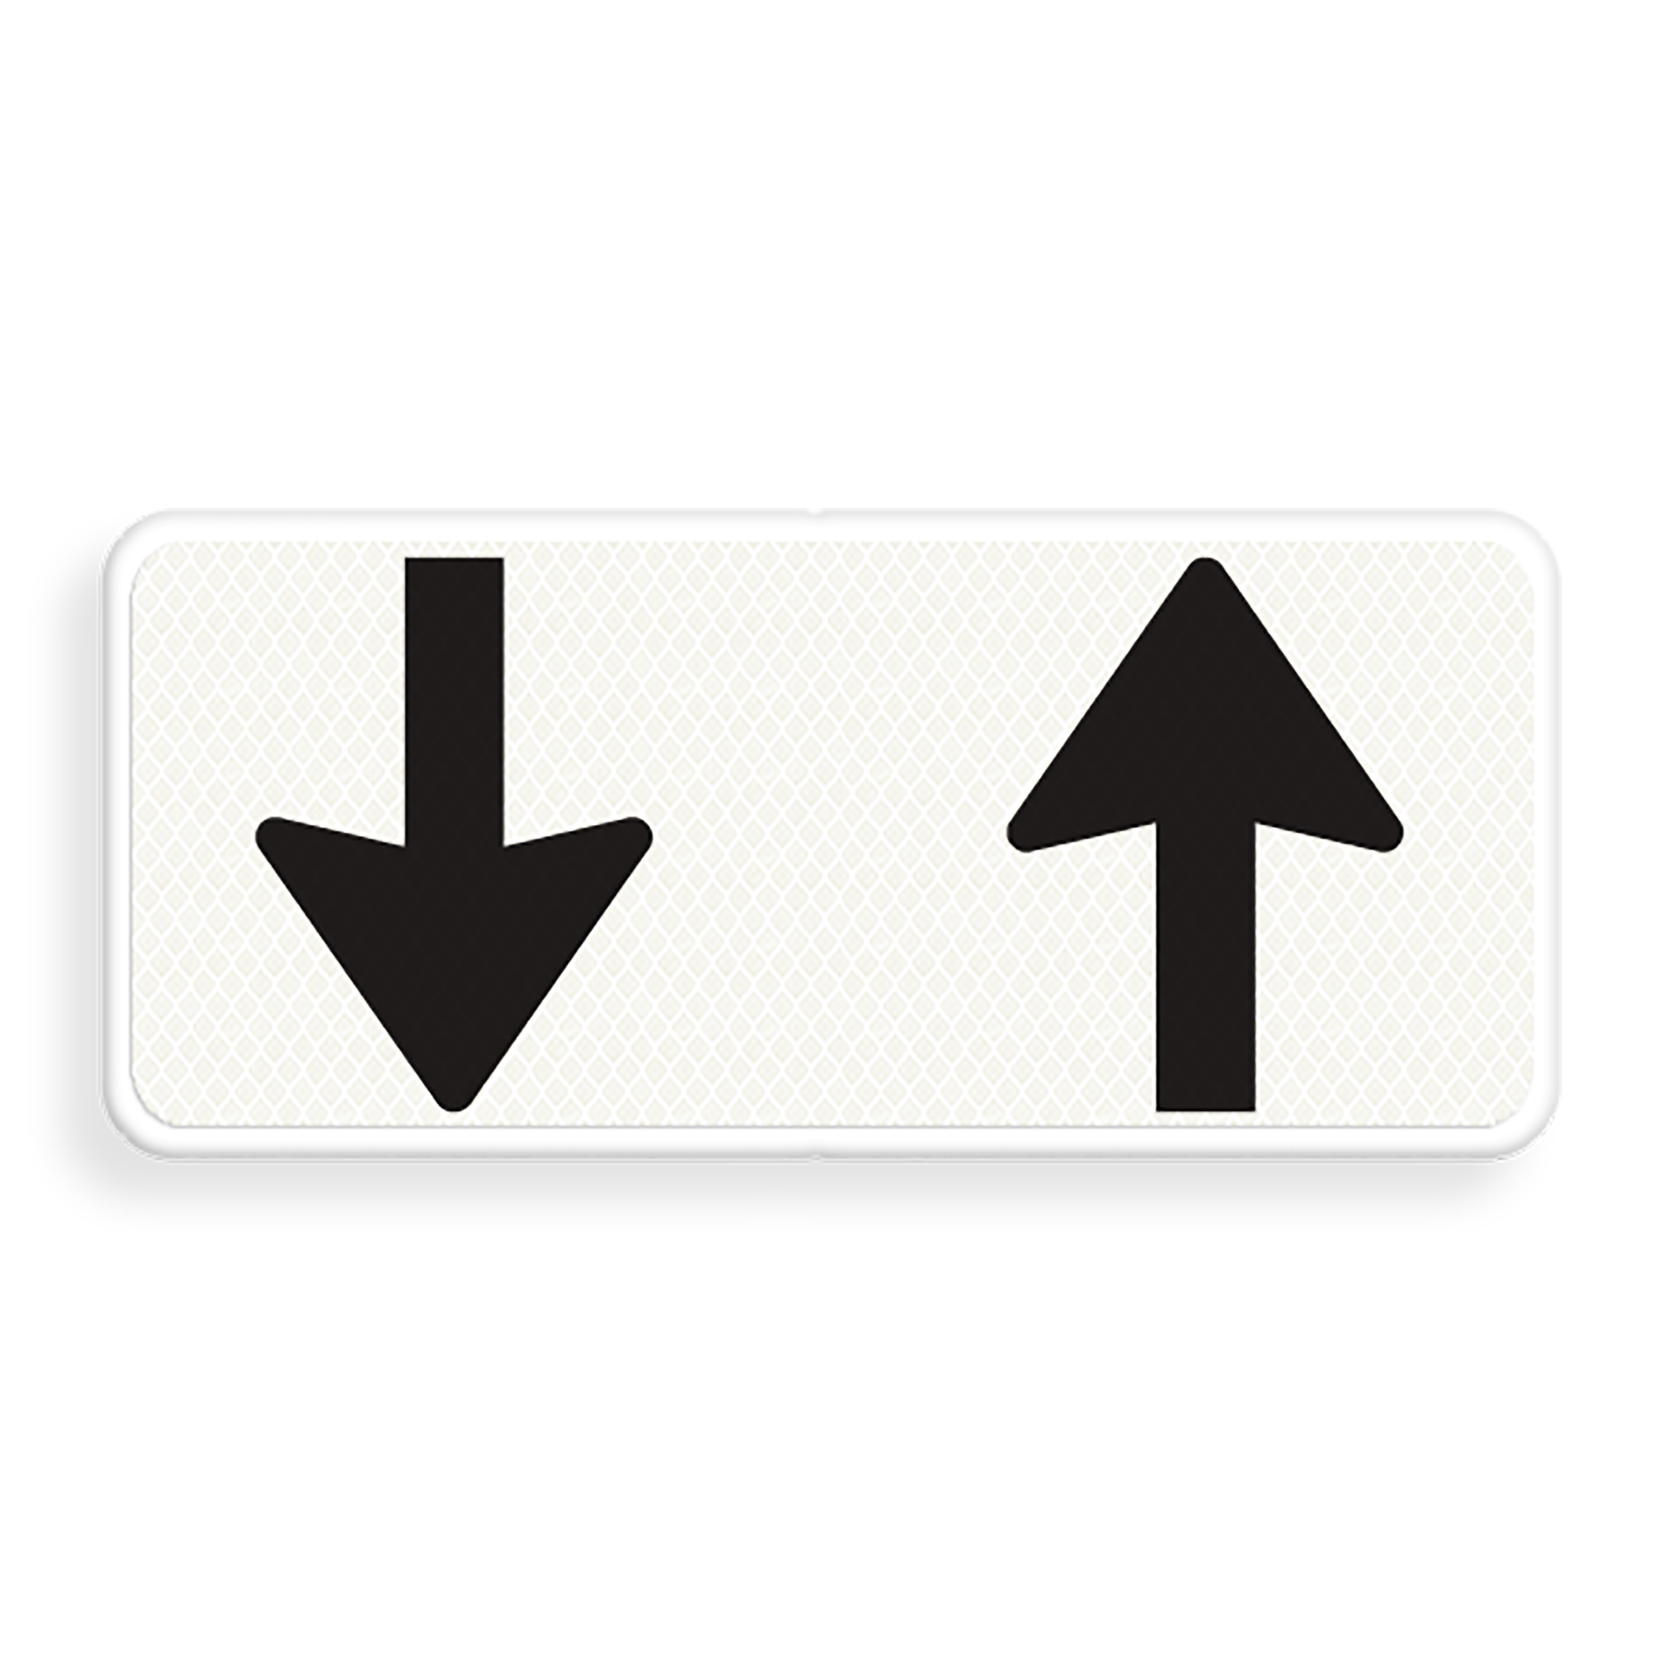 Onderbord tegenliggers, online verkeersborden oefenen